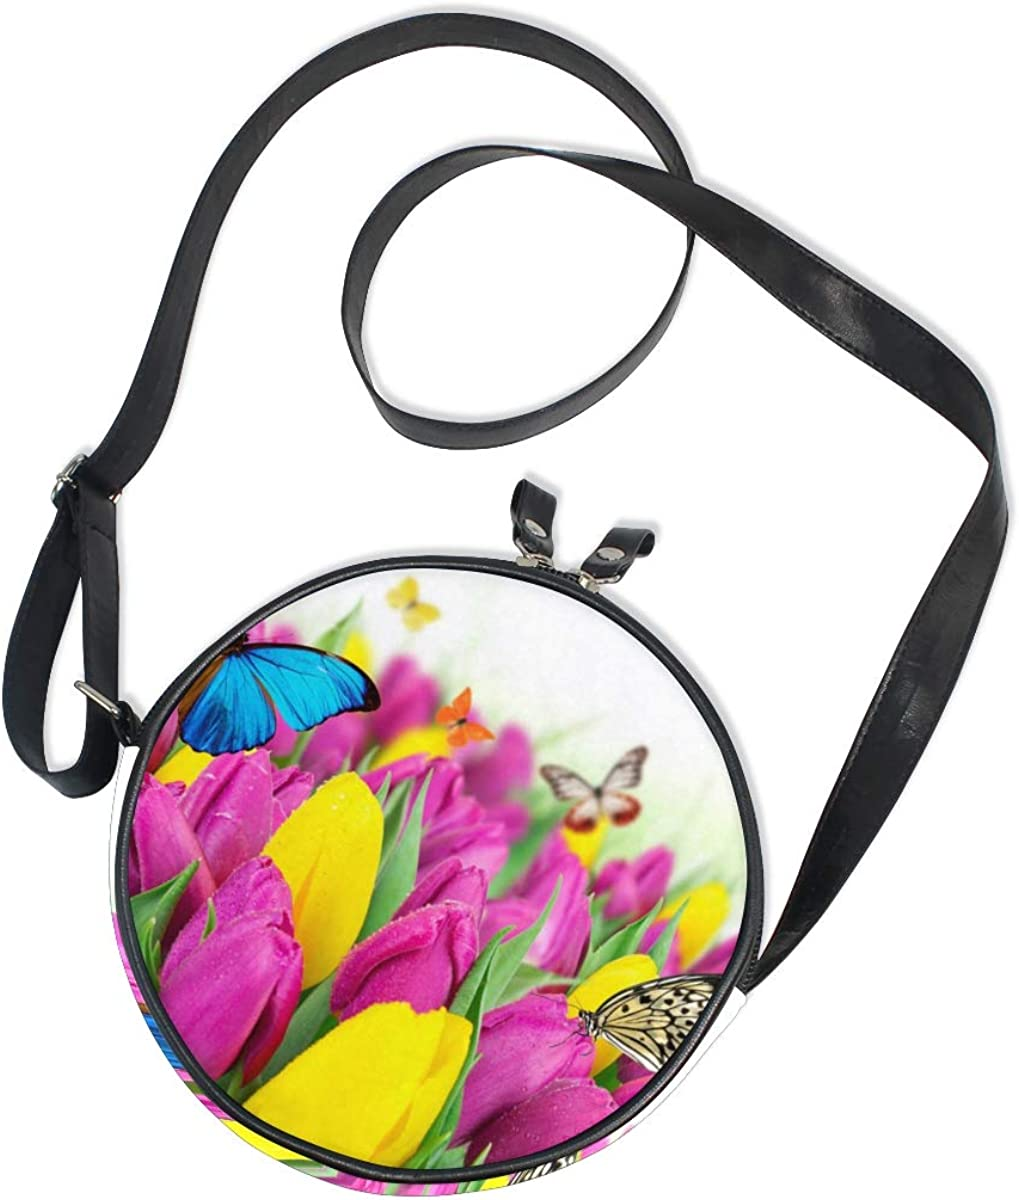 KEAKIA Lips Round Crossbody Bag Shoulder Sling Bag Handbag Purse Satchel Shoulder Bag for Kids Women